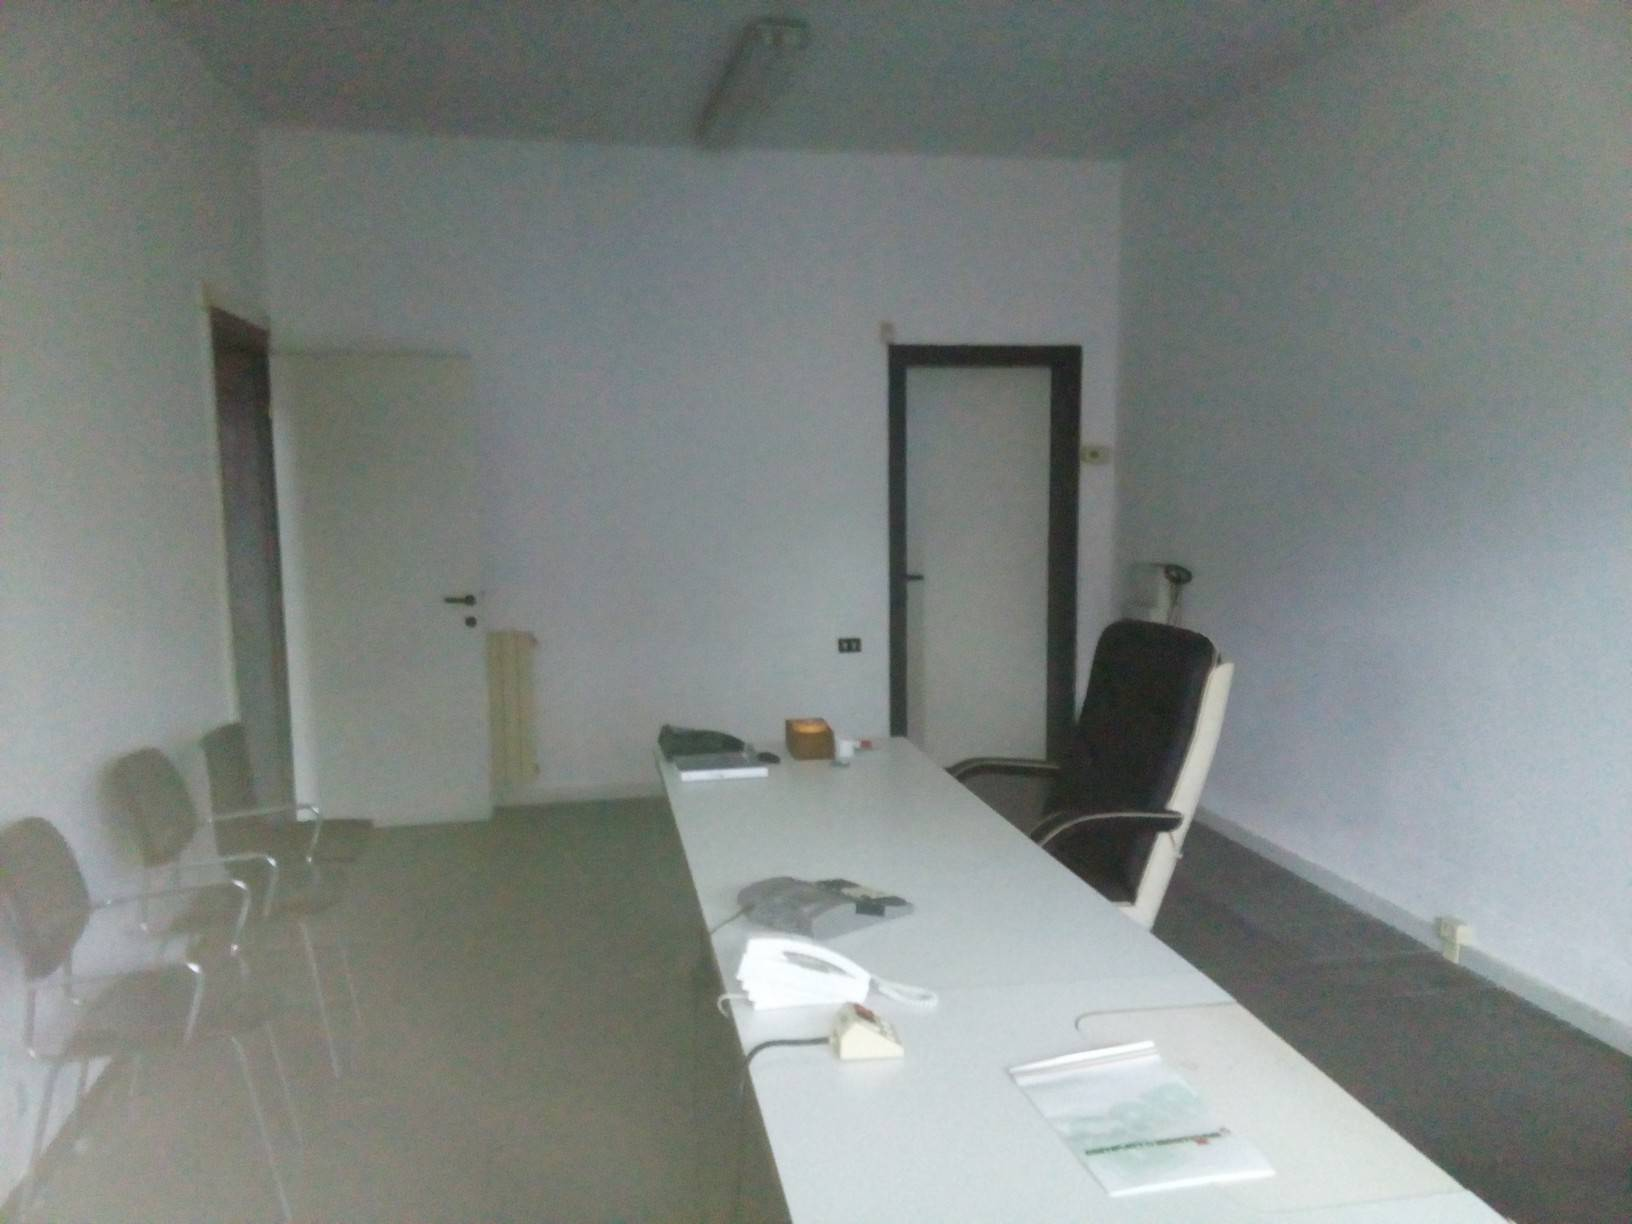 Ufficio / Studio in affitto a La Spezia, 6 locali, zona Località: FOSSAMASTRA, prezzo € 1.200   PortaleAgenzieImmobiliari.it